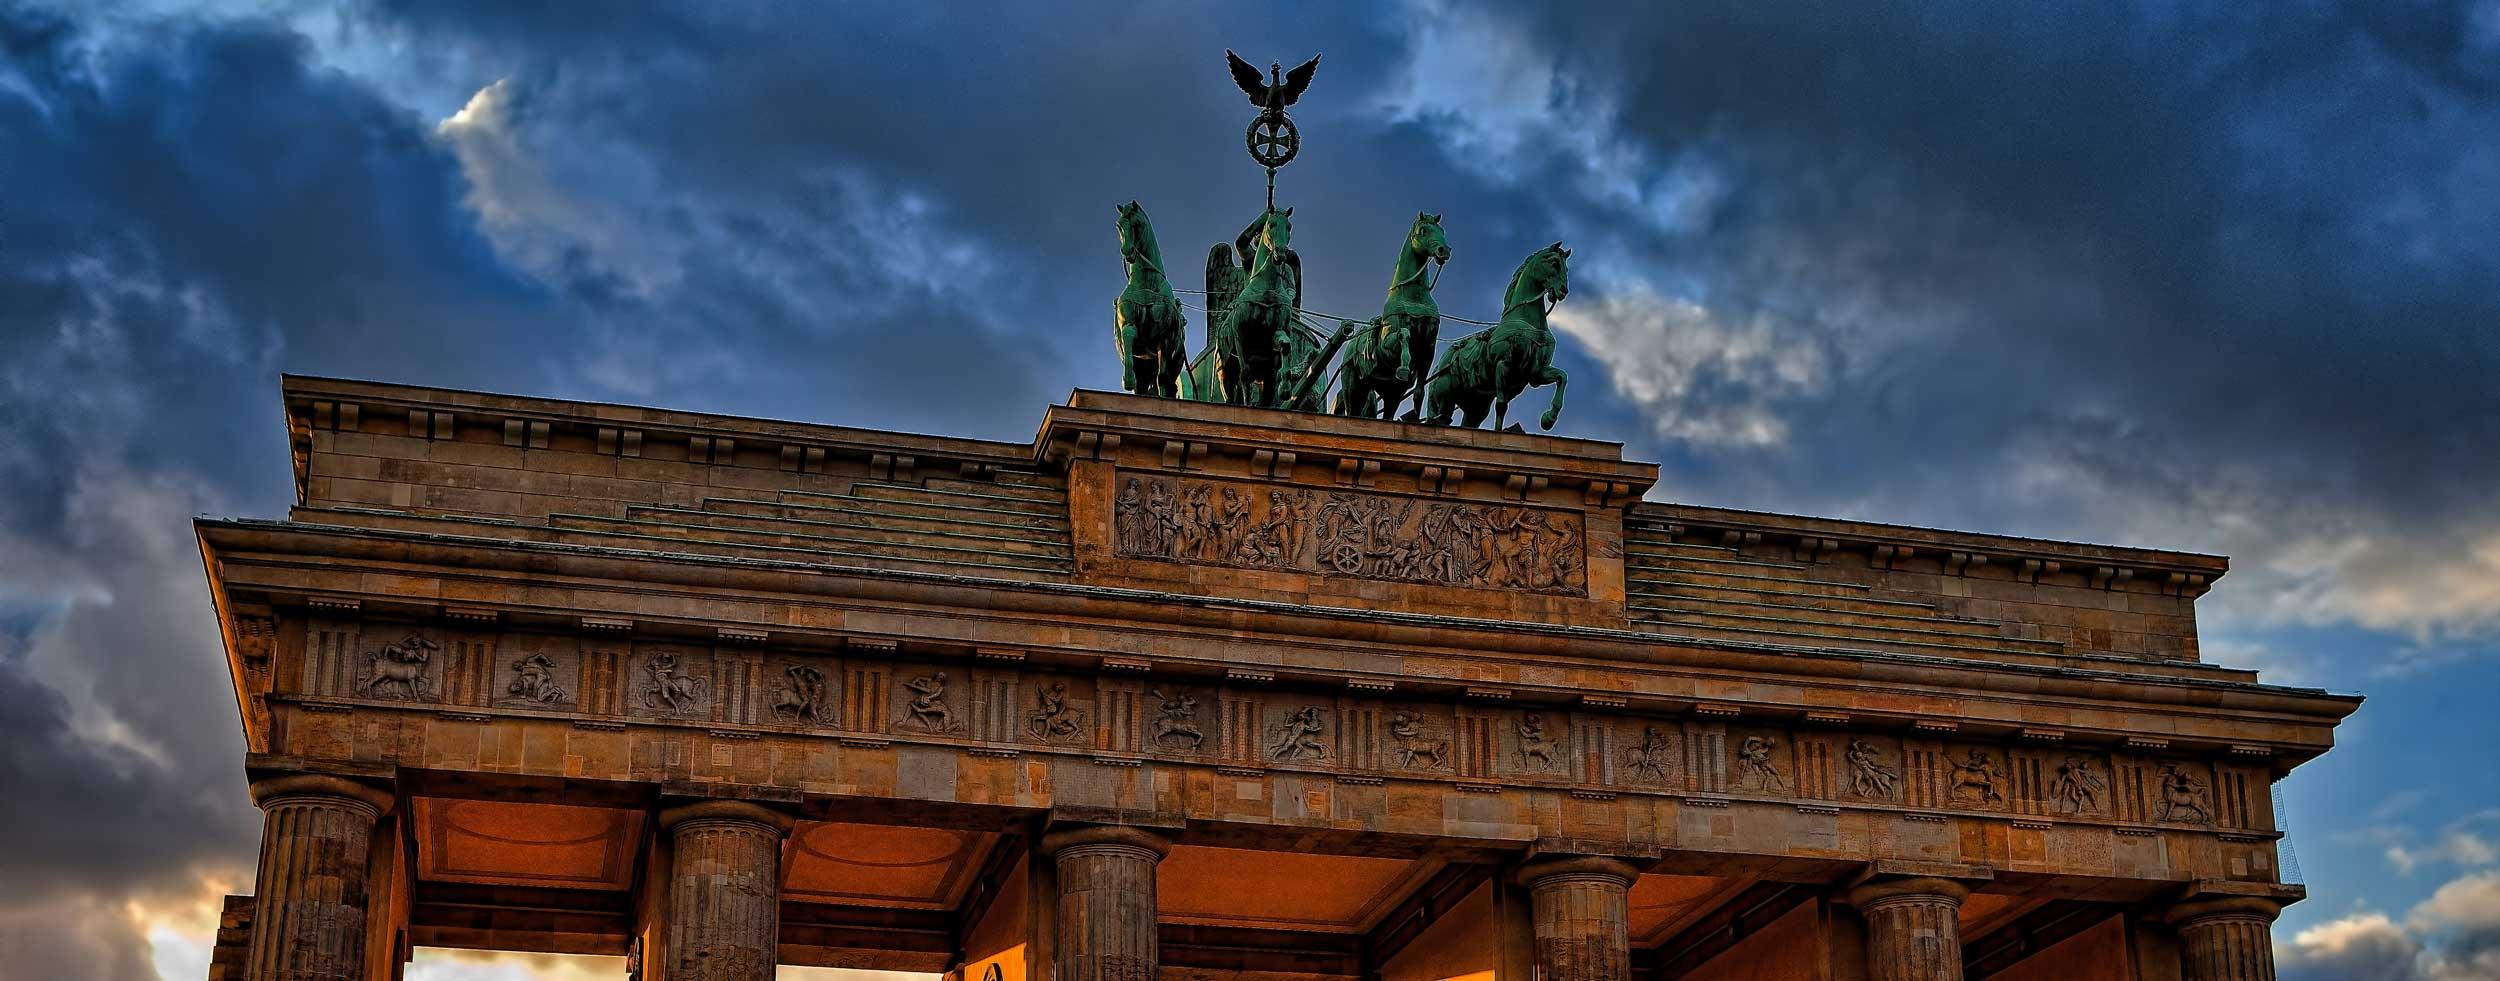 Consigli per un viaggio breve a Berlino